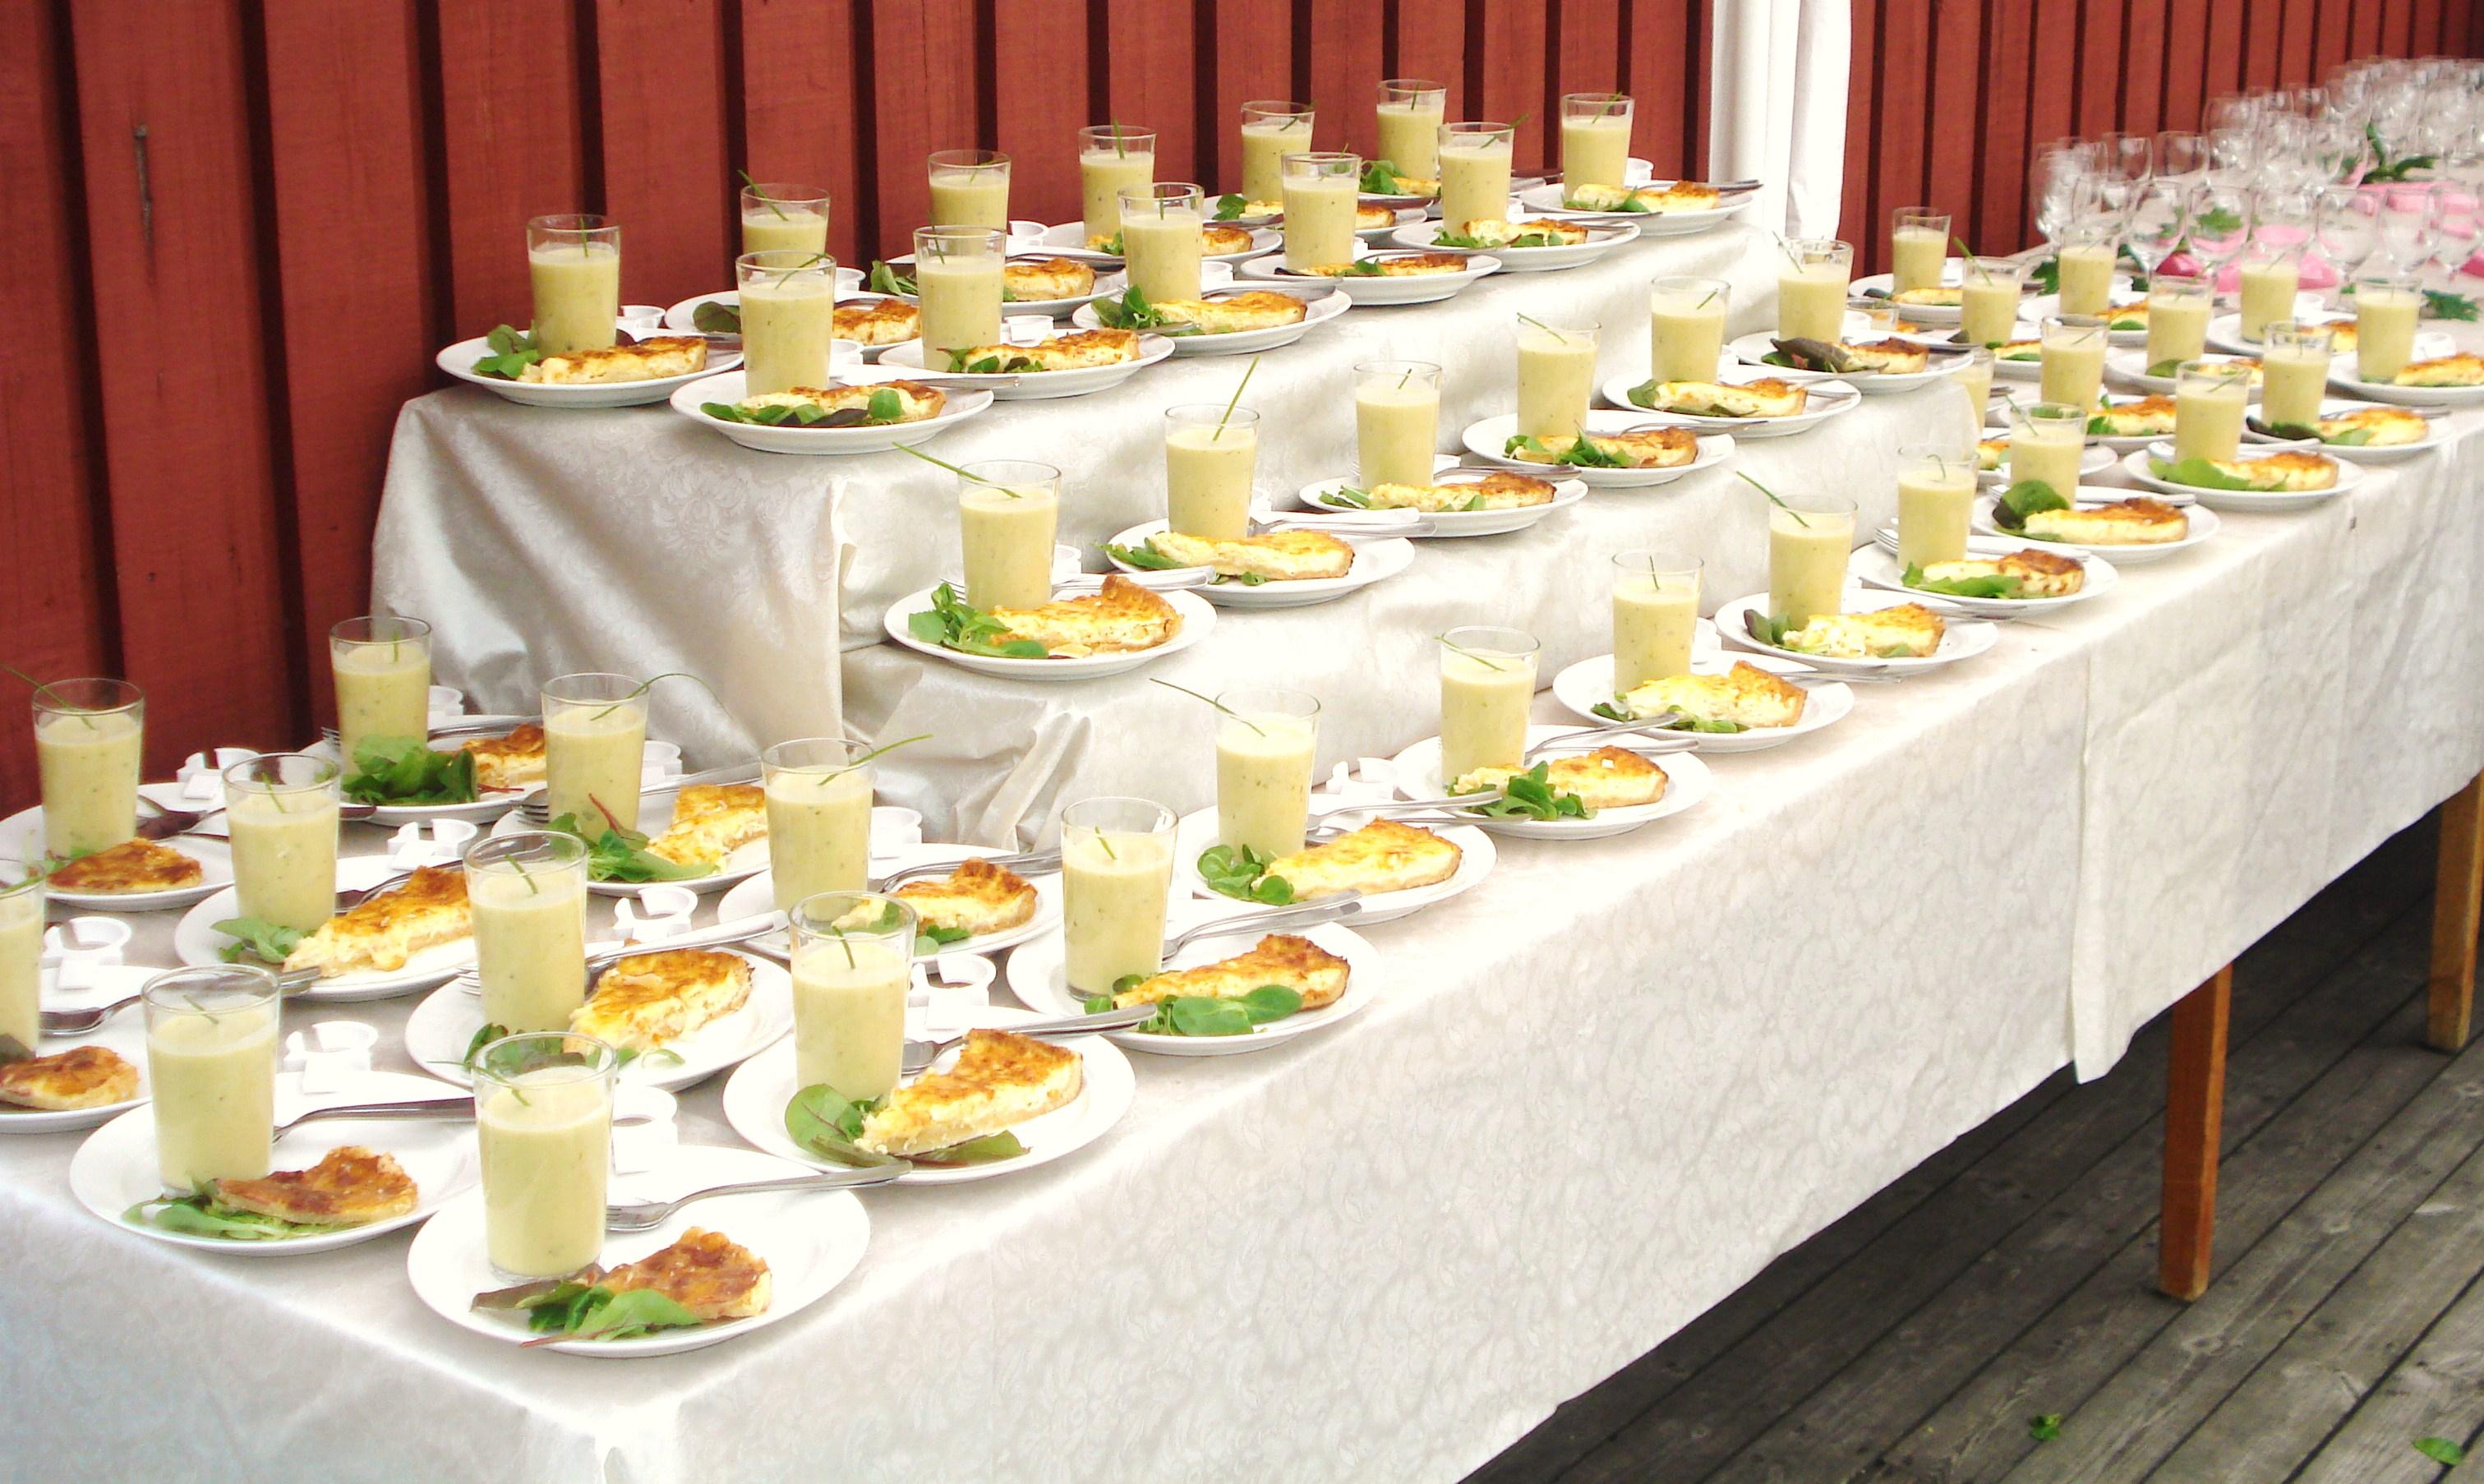 mat till 40 års kalas Tinas 40 årsfest | mat till 40 års kalas